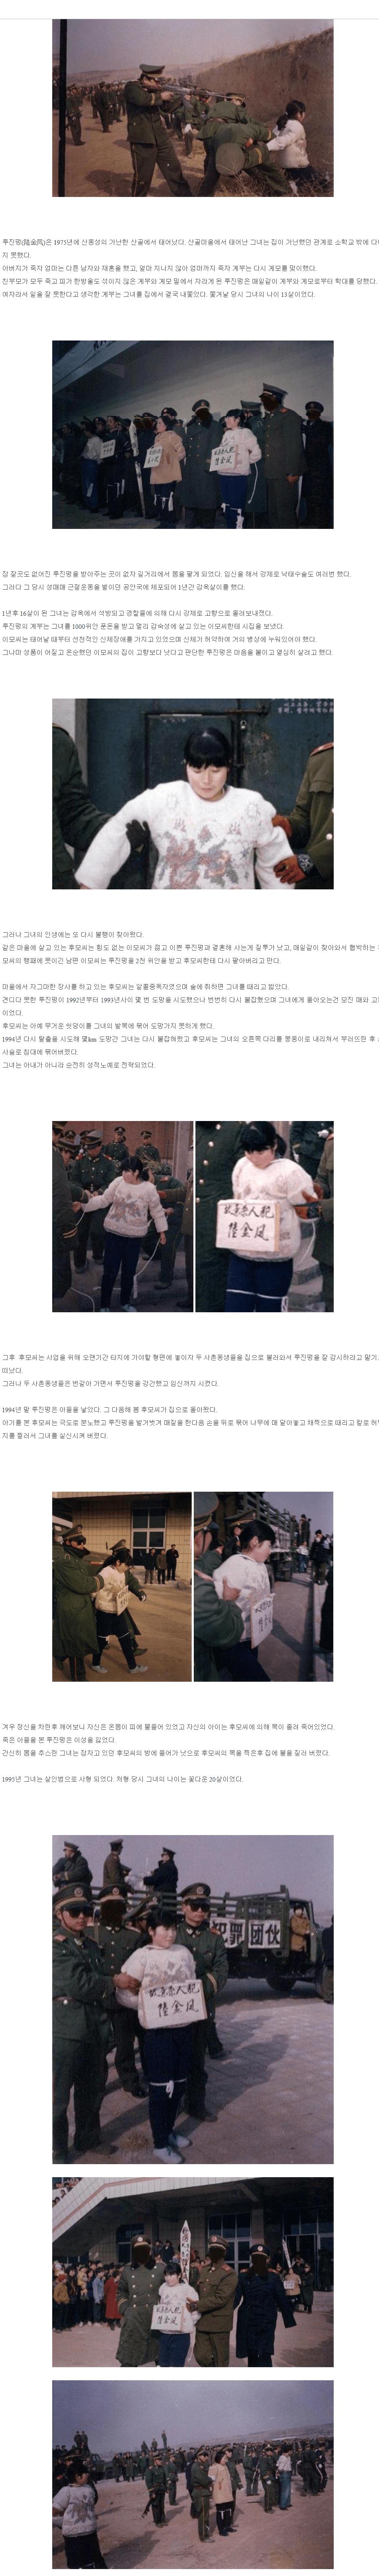 중국 최연소 사형수